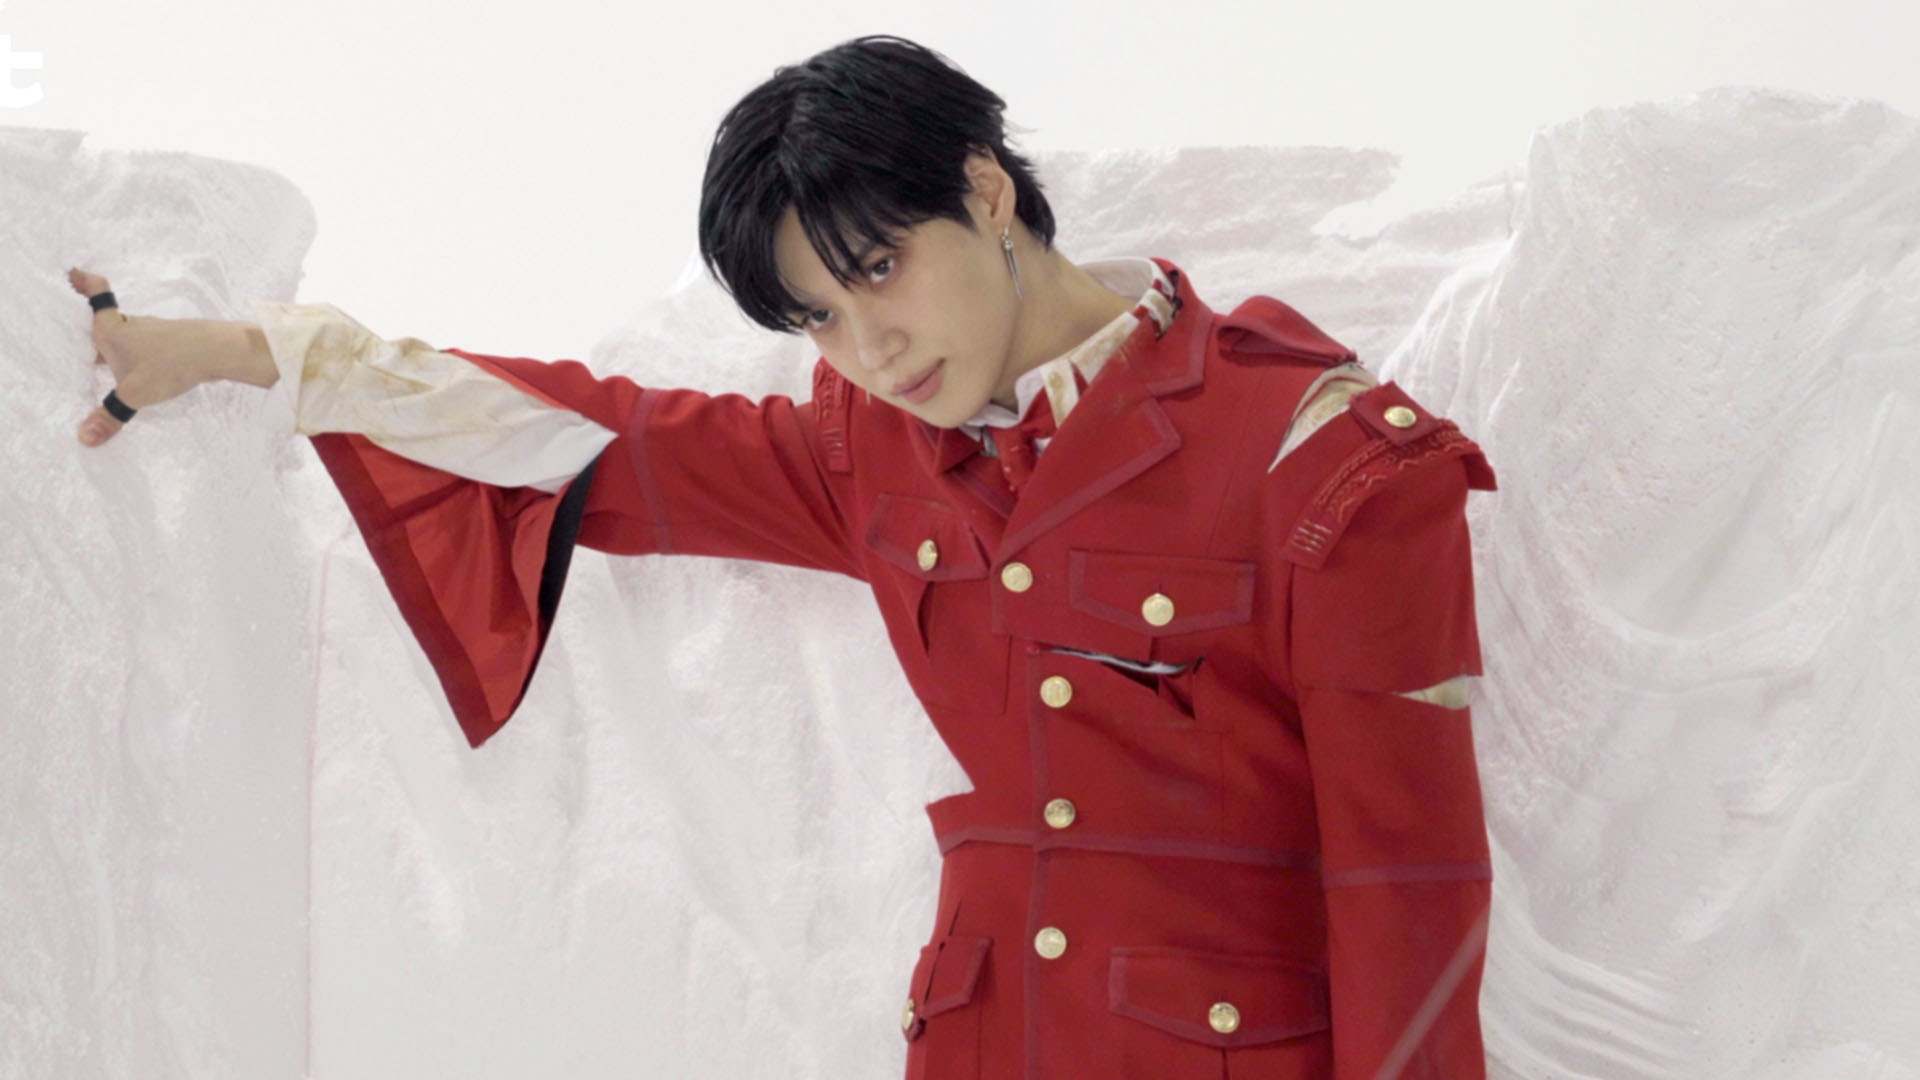 '이데아 (IDEA:理想)' Jacket Behind l Behind the : Act l 태민 TAEMIN